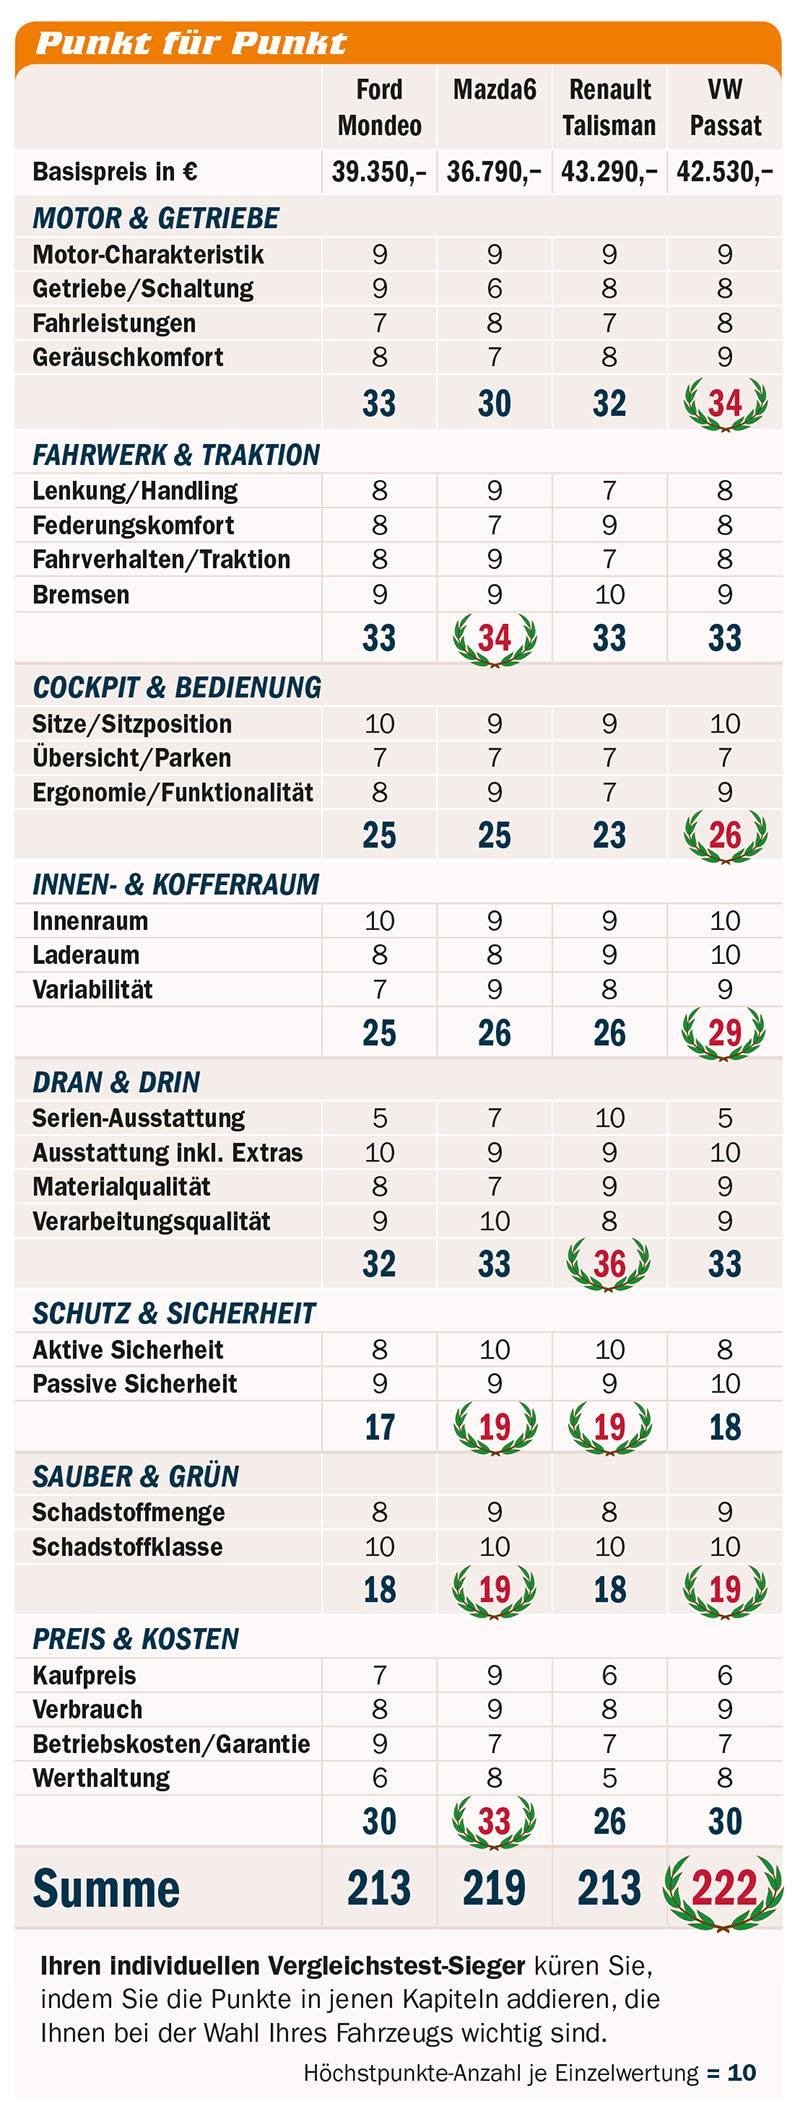 Old Fashioned Verstecktes Bild Einer Tabelle Für Erwachsene Image ...